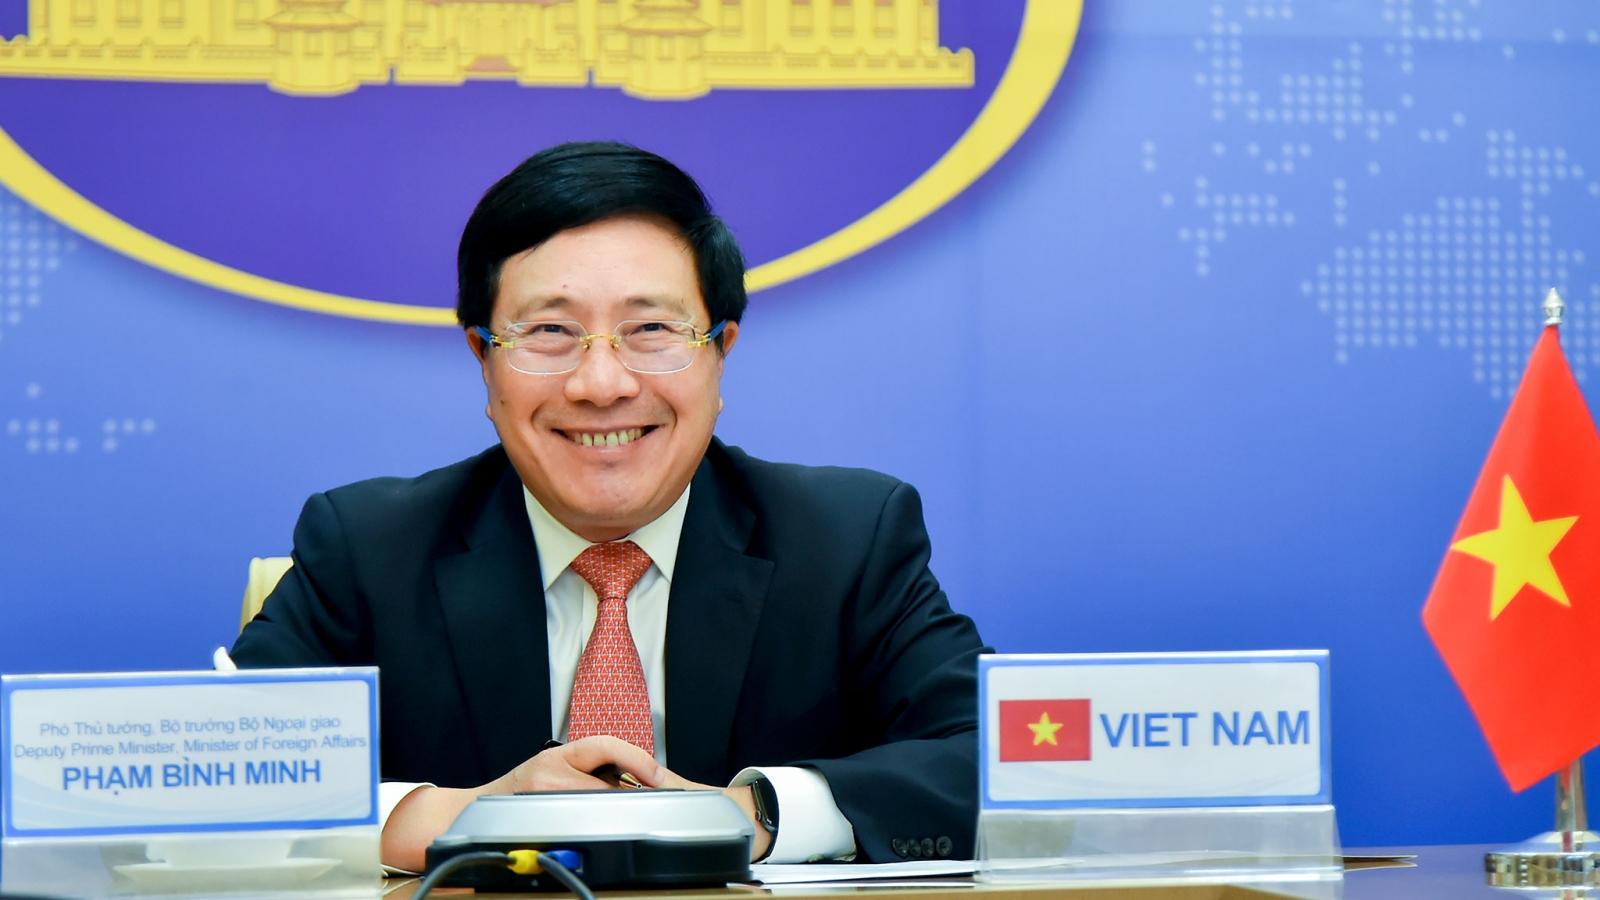 Phó Thủ tướng Phạm Bình Minh hội đàm trực tuyến với Bộ trưởng Ngoại giao Malaysia